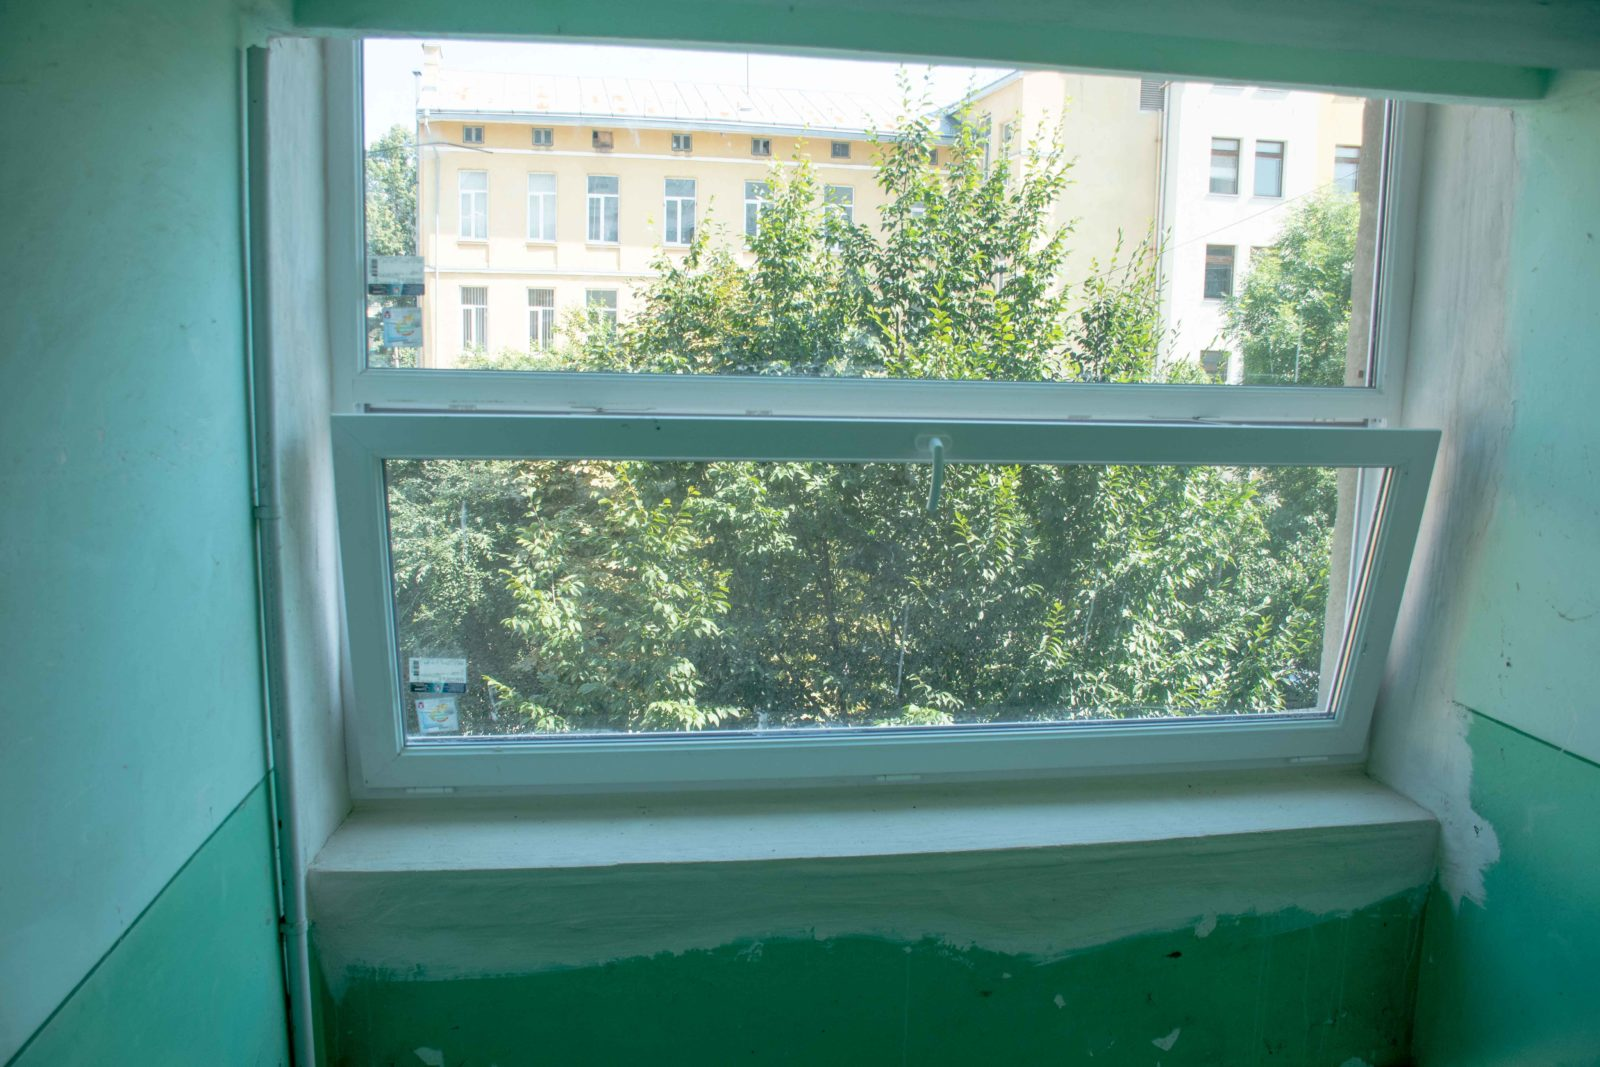 У трьох багатоквартирних будинках у Франківську замінюють вікна за програмою співфінансування 12